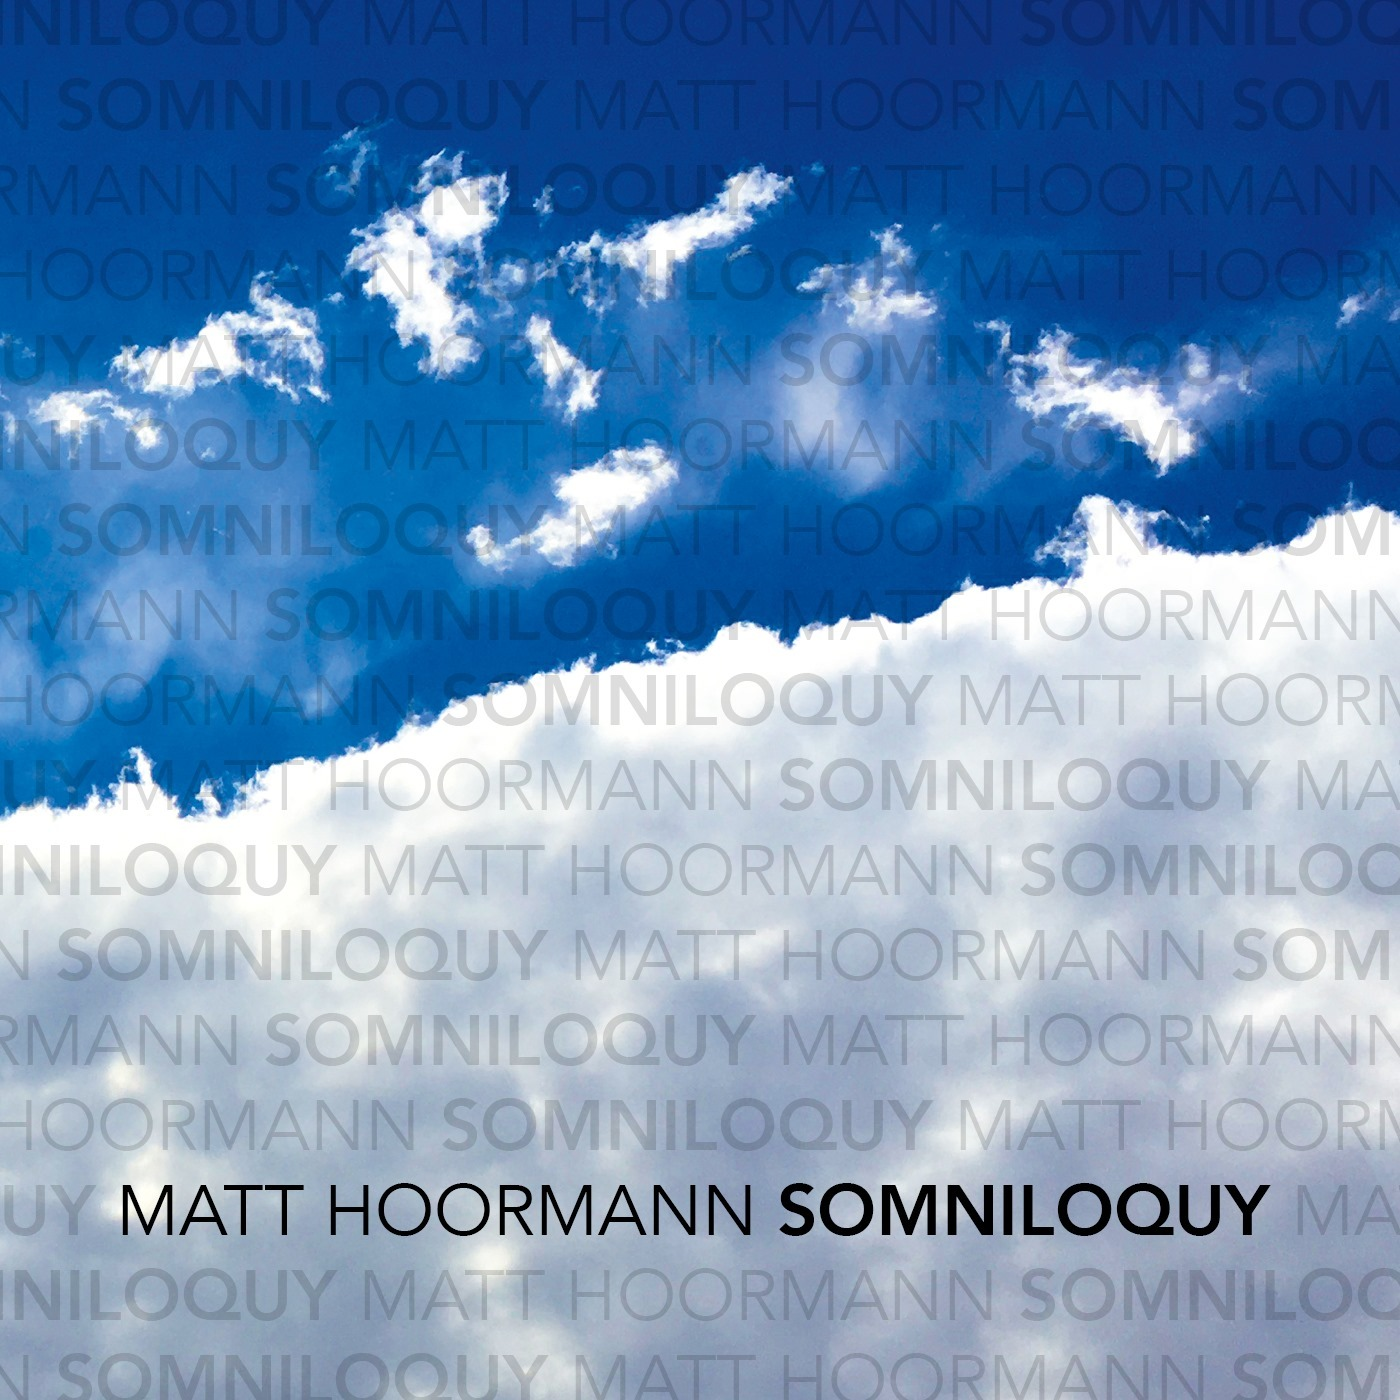 Matt Hoormann Somniloquy